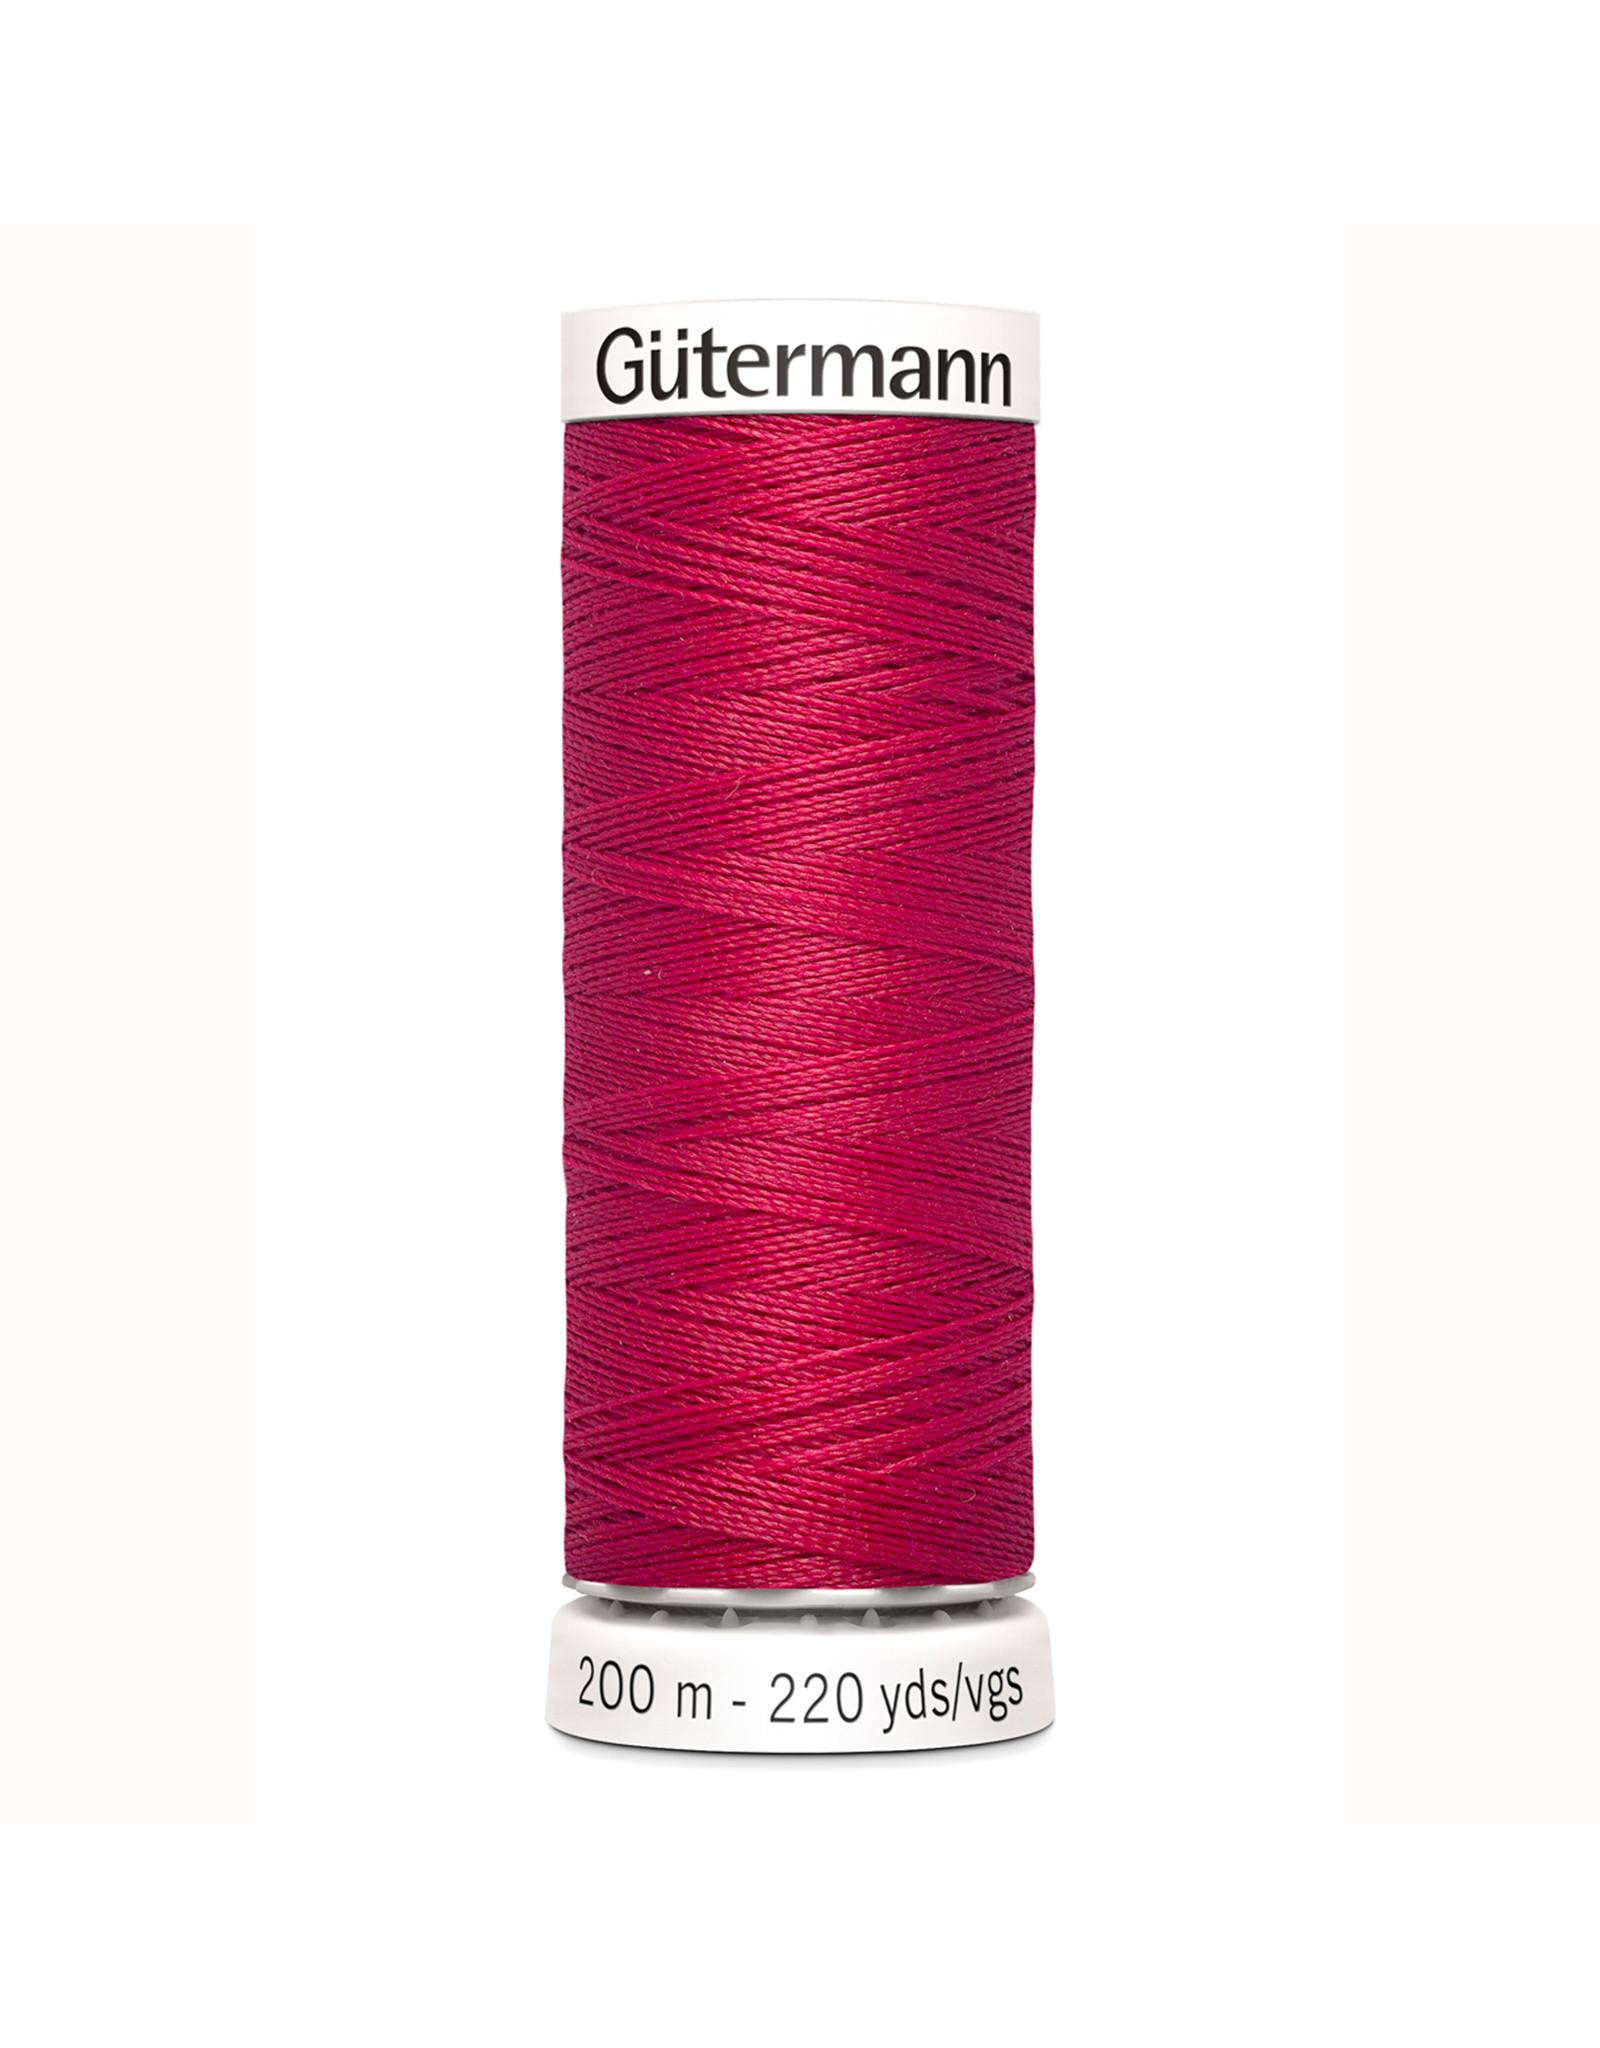 Gütermann Gütermann Sewing Thread 200 m - nr 909